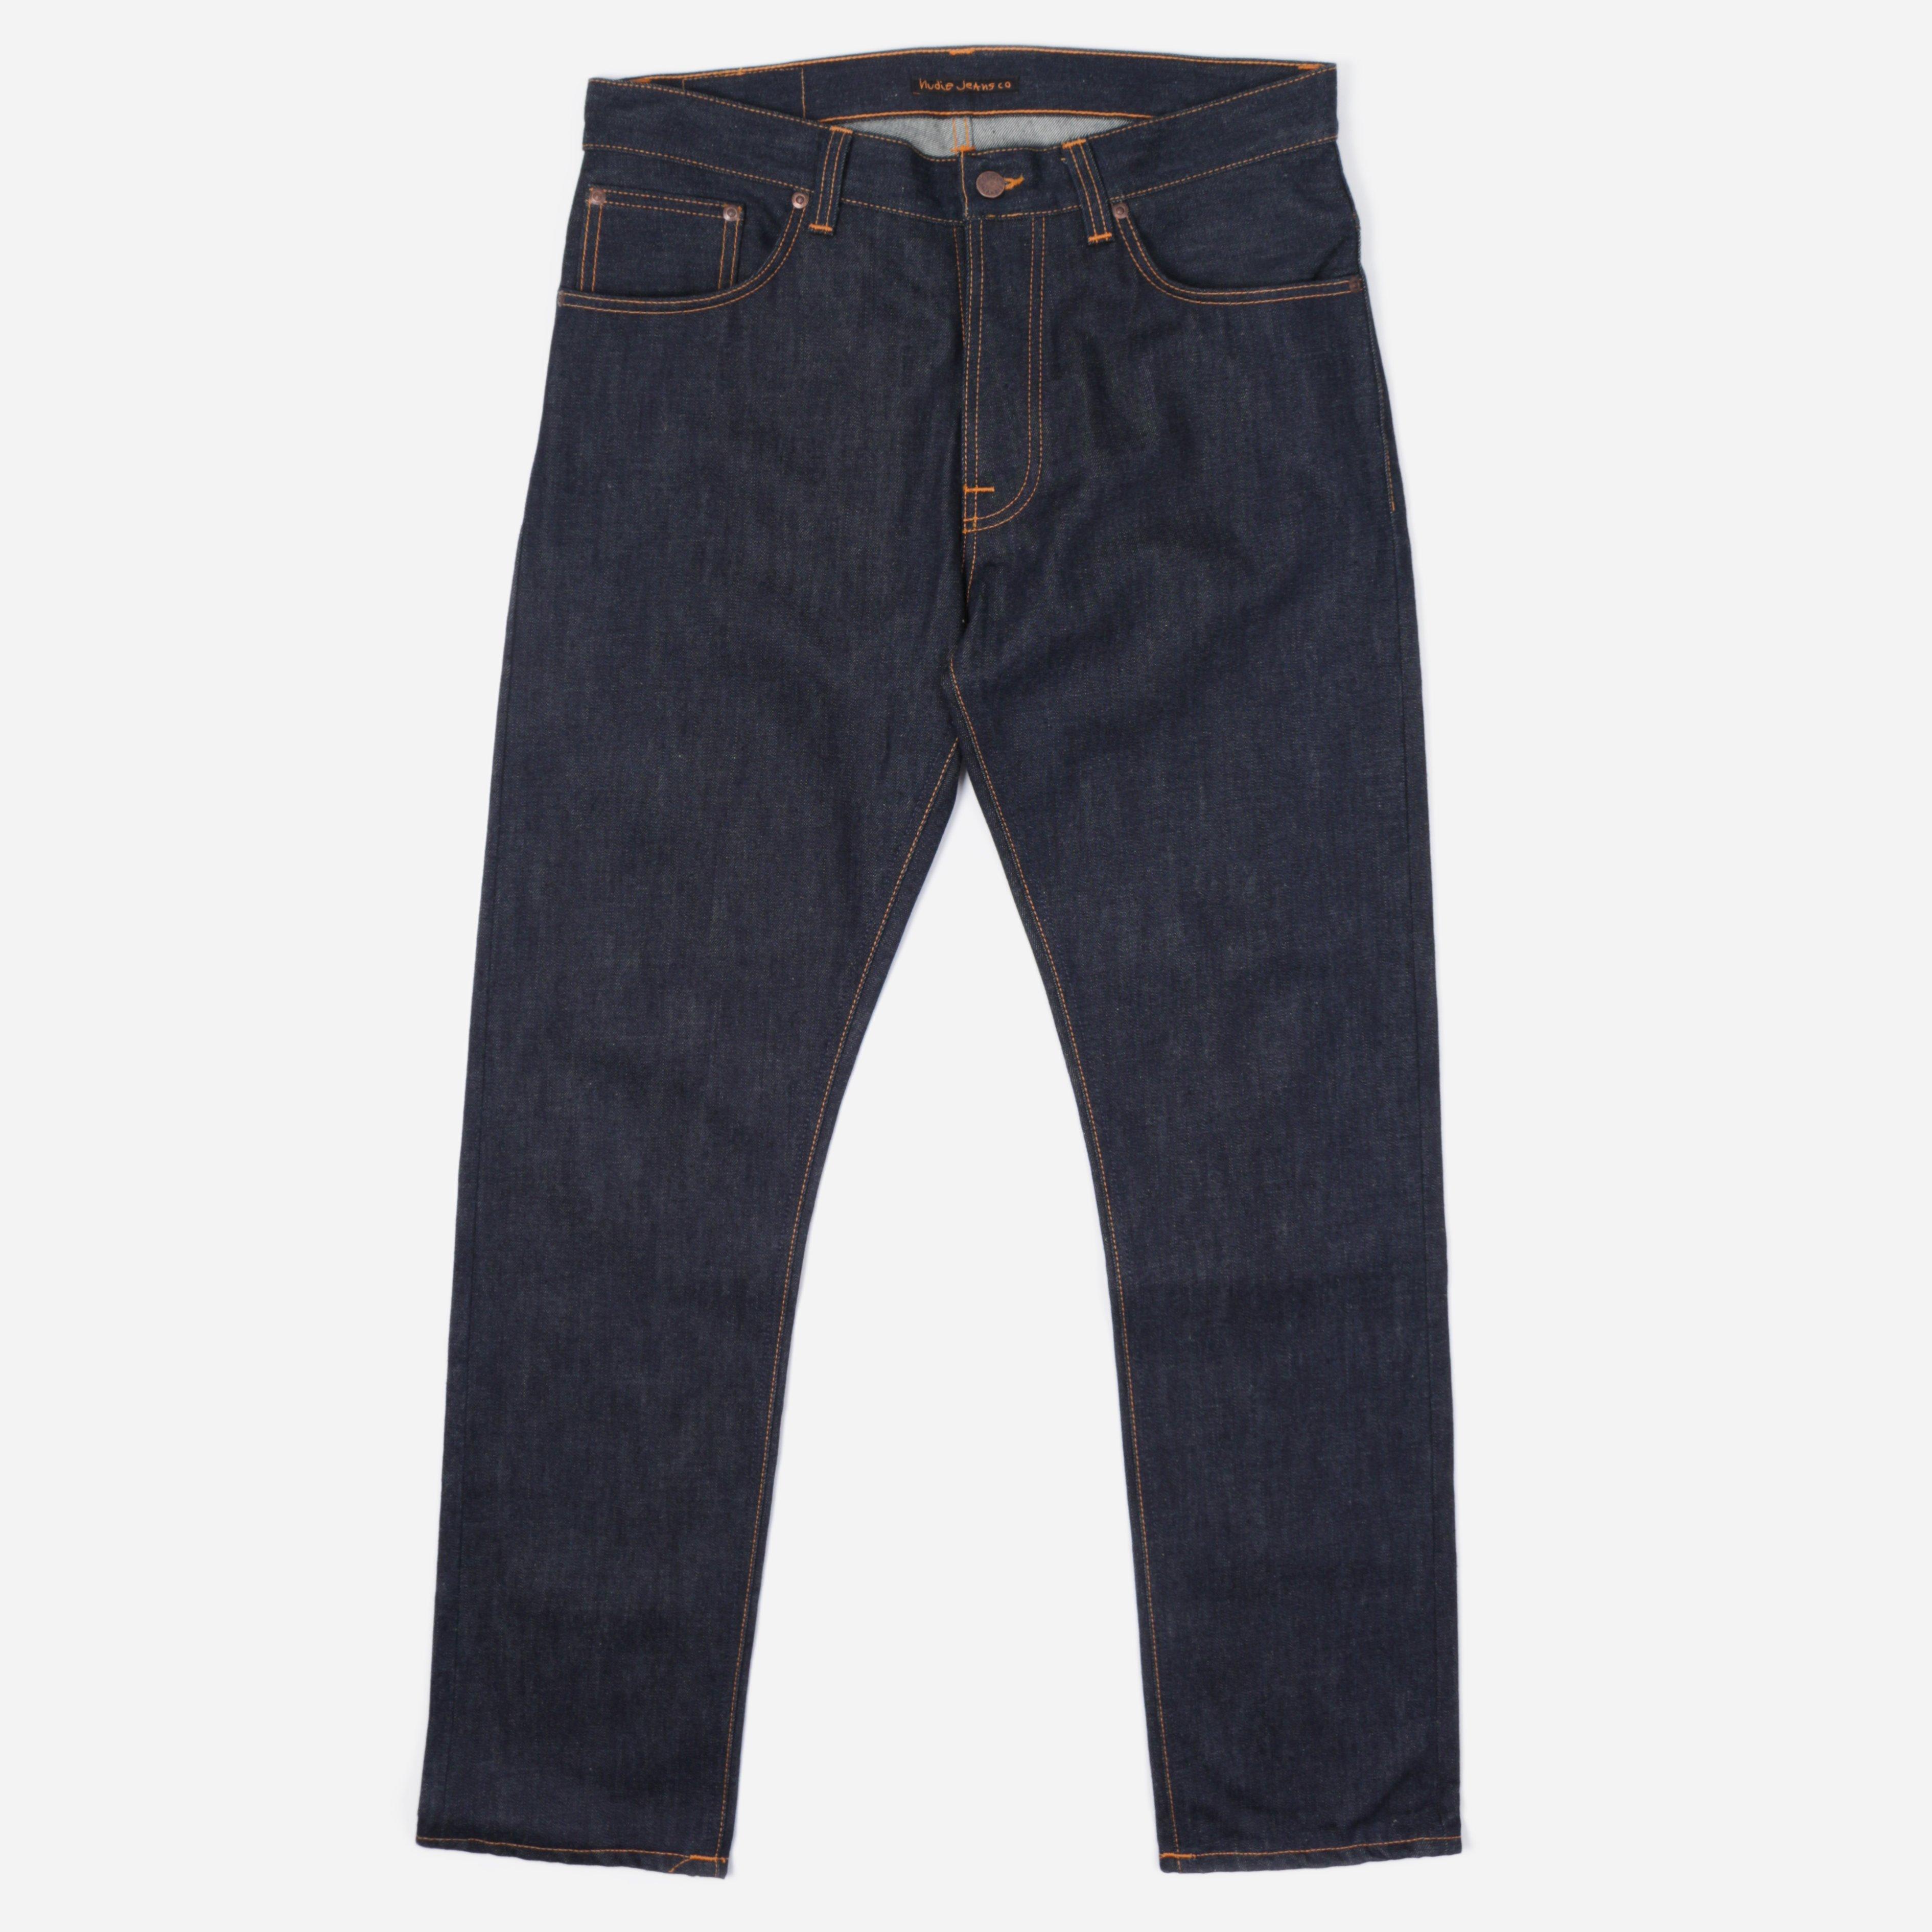 Nudie Jeans Fearless Freddie - Dry Ring Jean